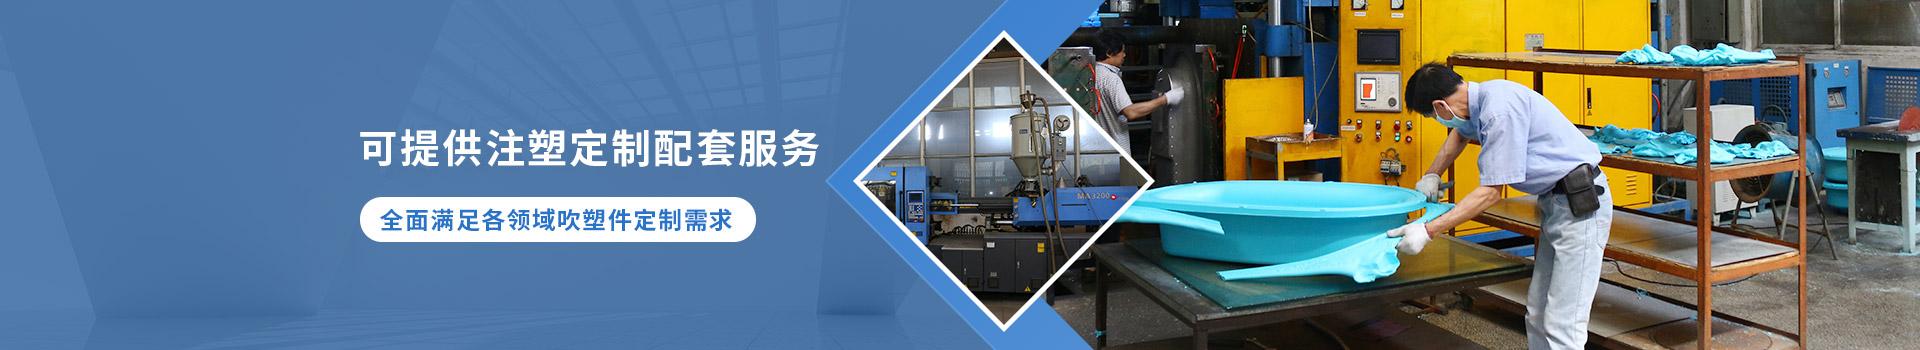 精通吹塑可提供注塑定制配套服务